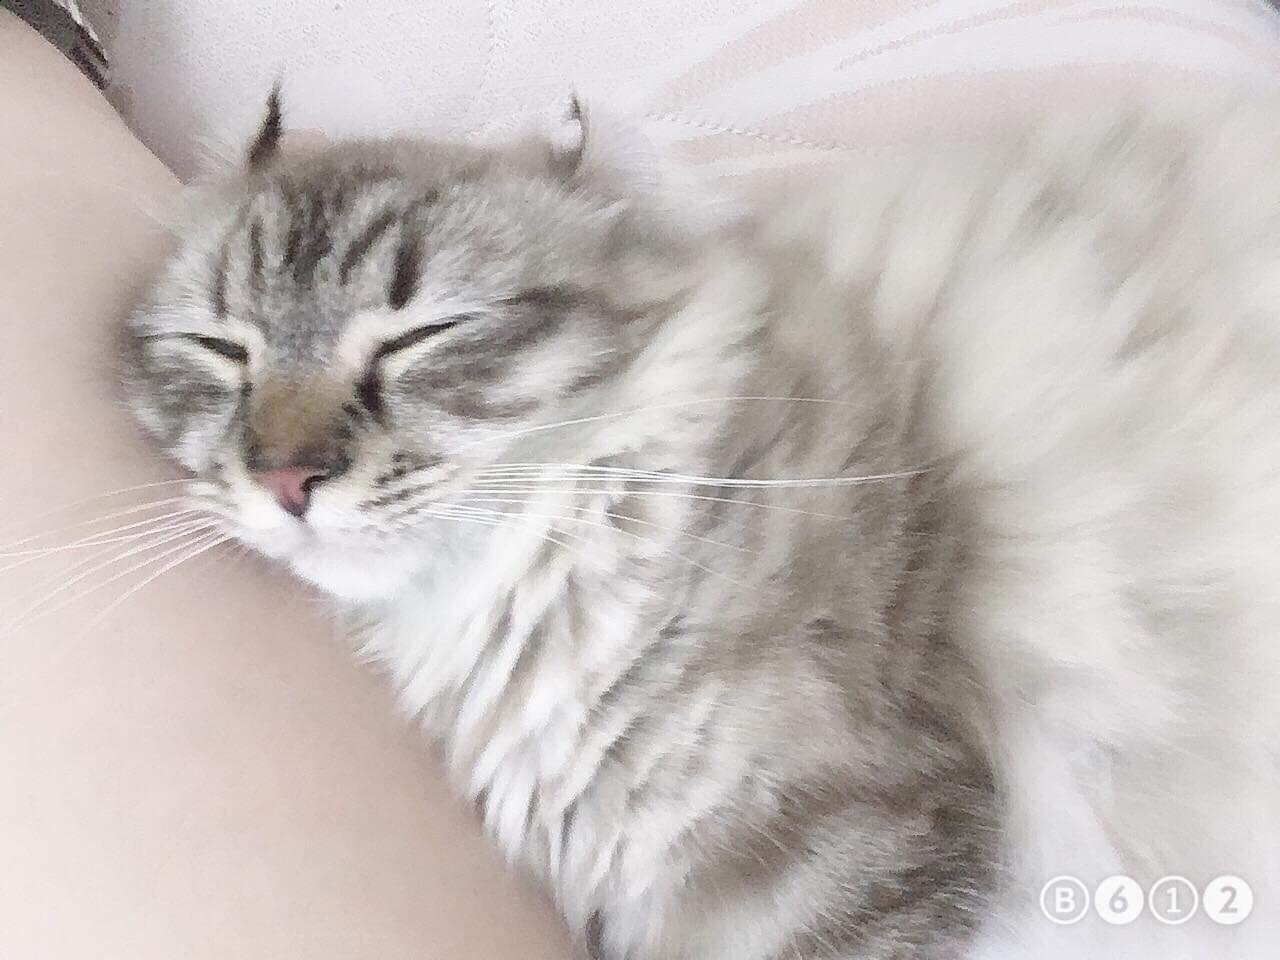 Munchkin Cat kitten sleeping